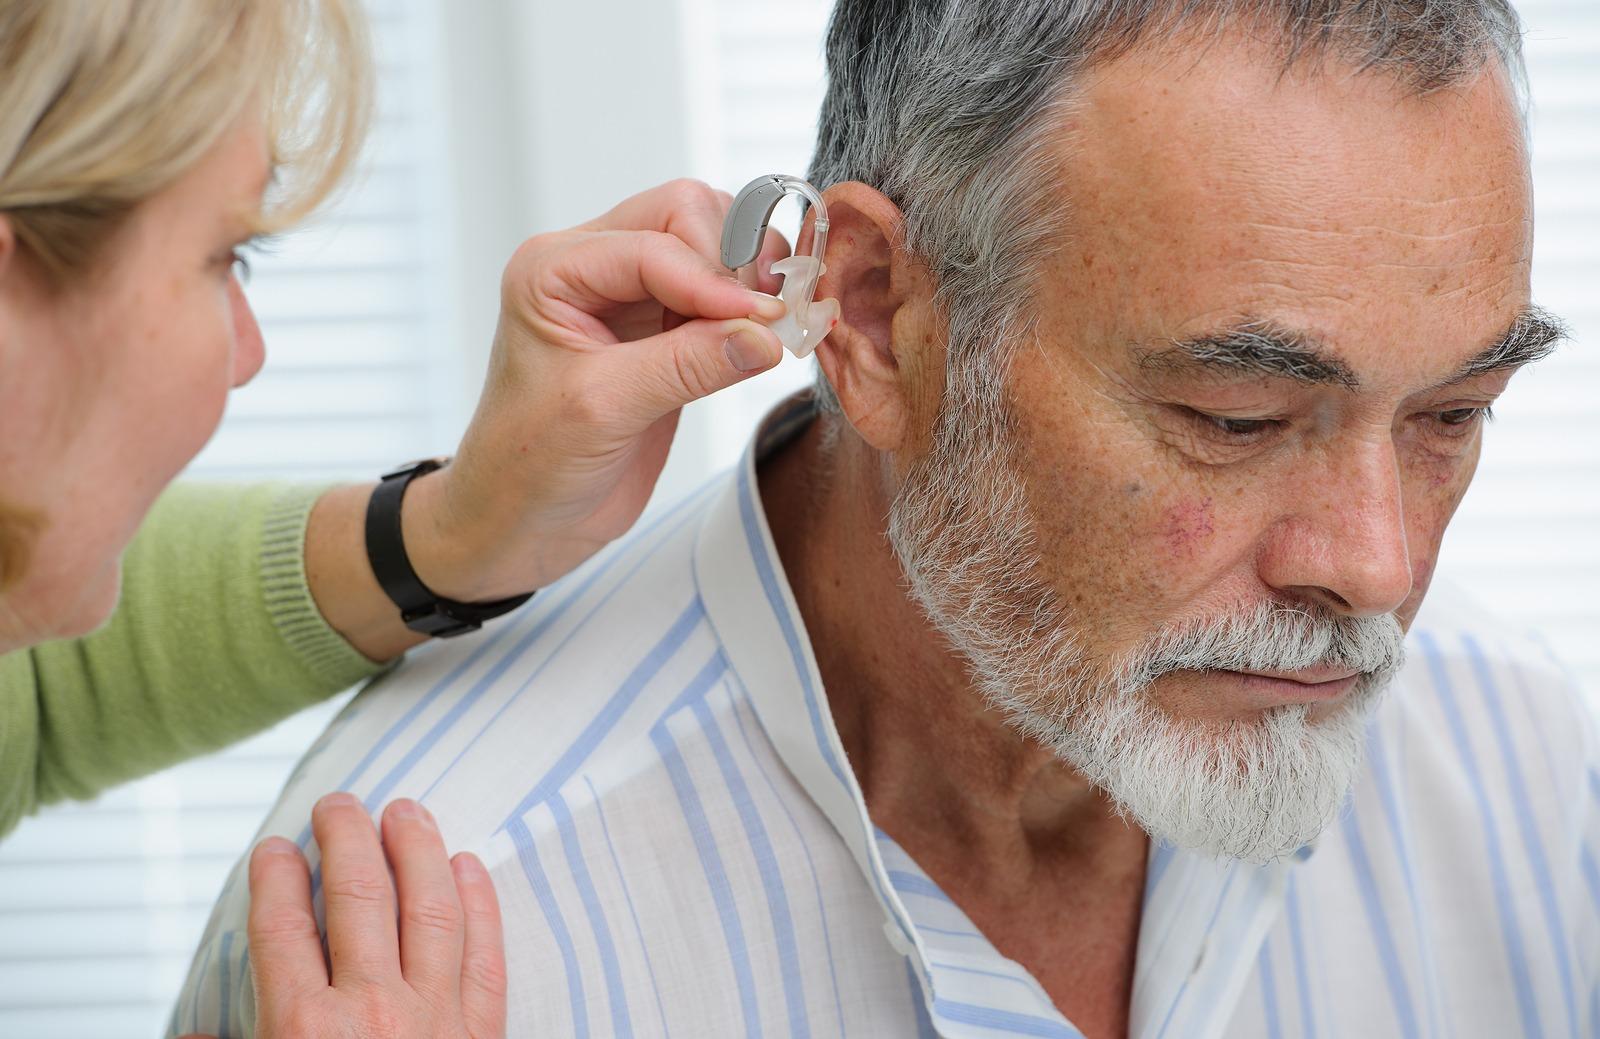 Consultas são essenciais para descobrir o melhor aparelho auditivo